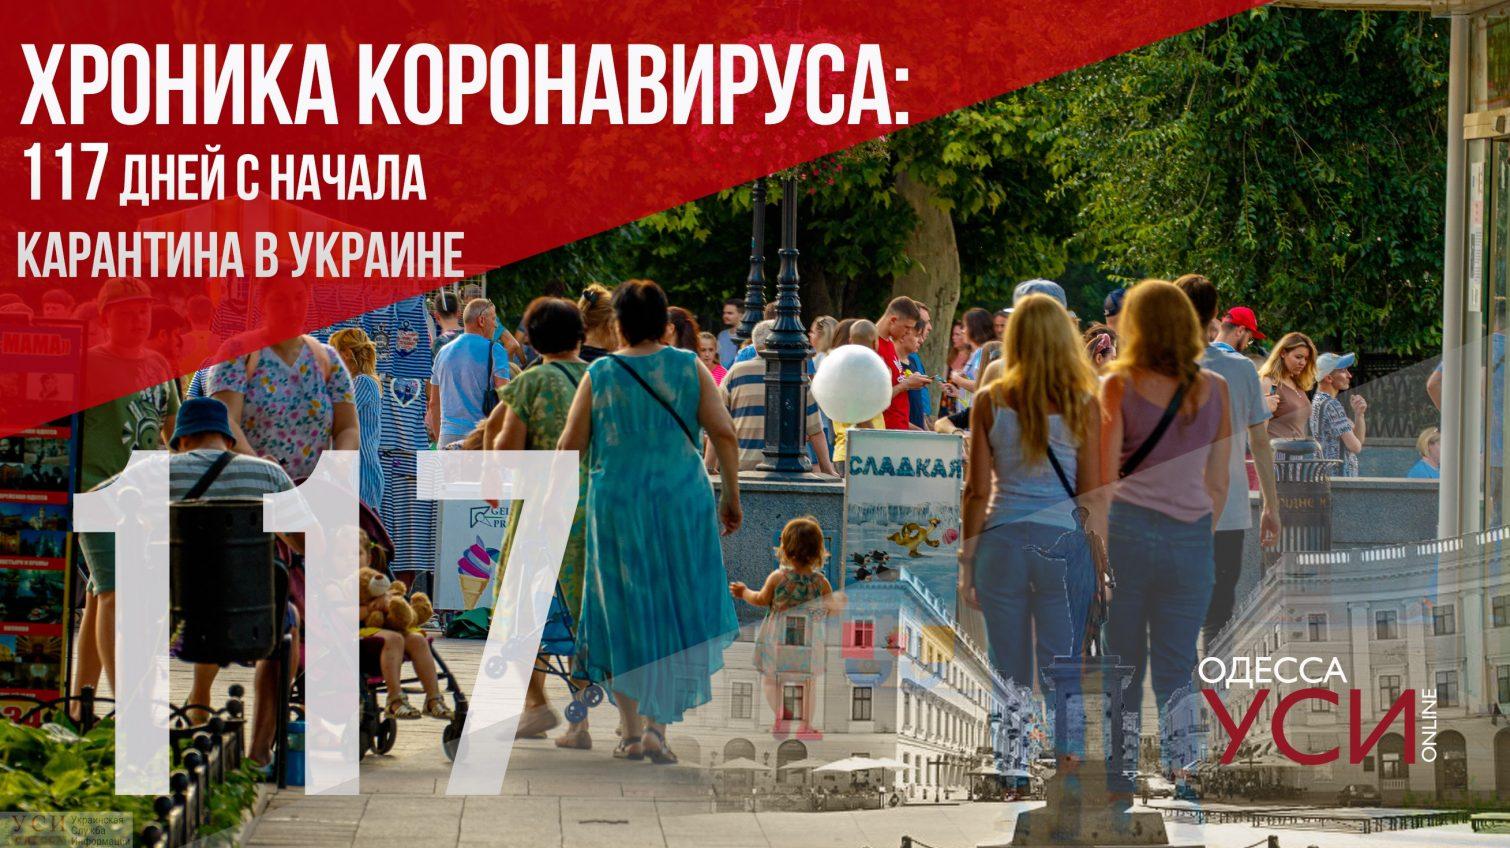 Хроника коронавируса: 117-й день с начала карантина в Украине – уровень заражений сохранился ОБНОВЛЯЕТСЯ «фото»